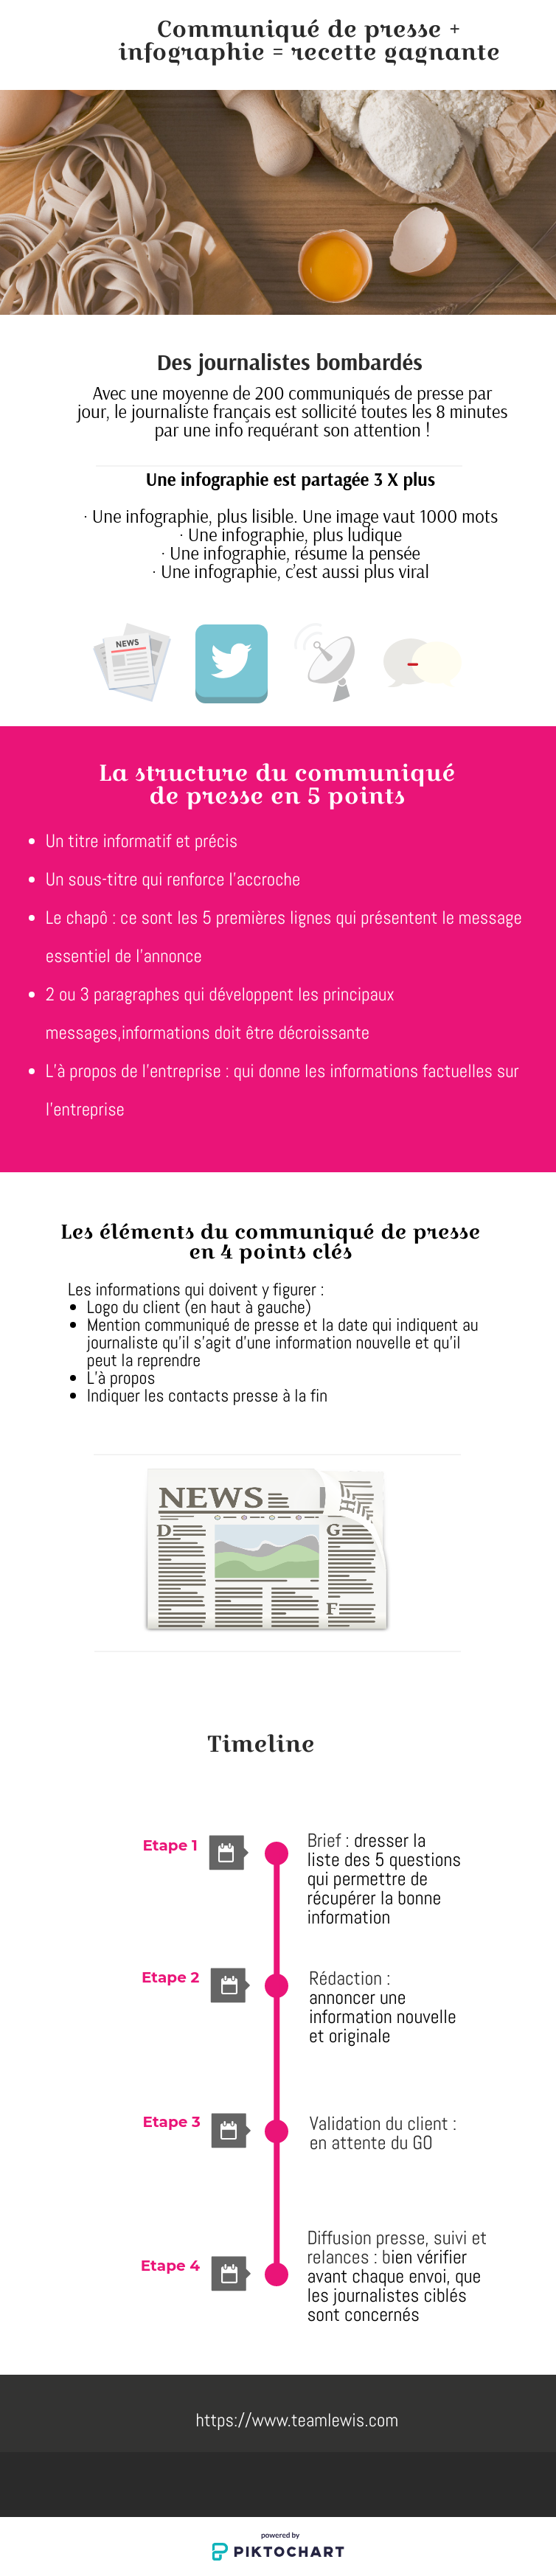 Le communiqué de presse + une infographie: la recette gagnante pour retenir l'attention des journalistes!